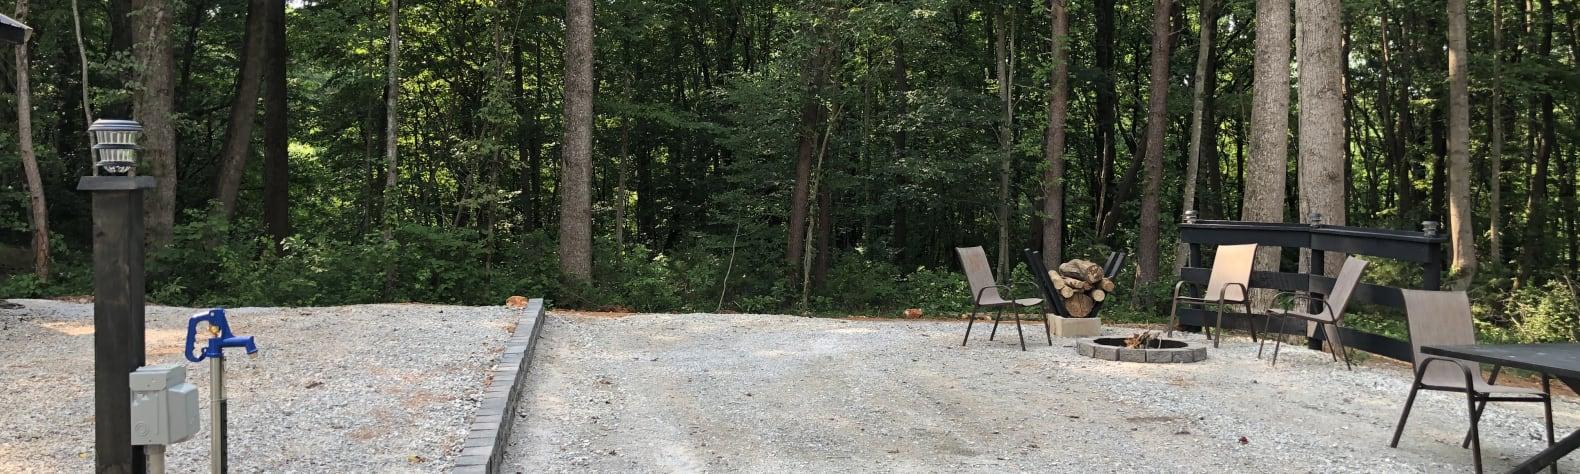 Cedar Loop Campsite